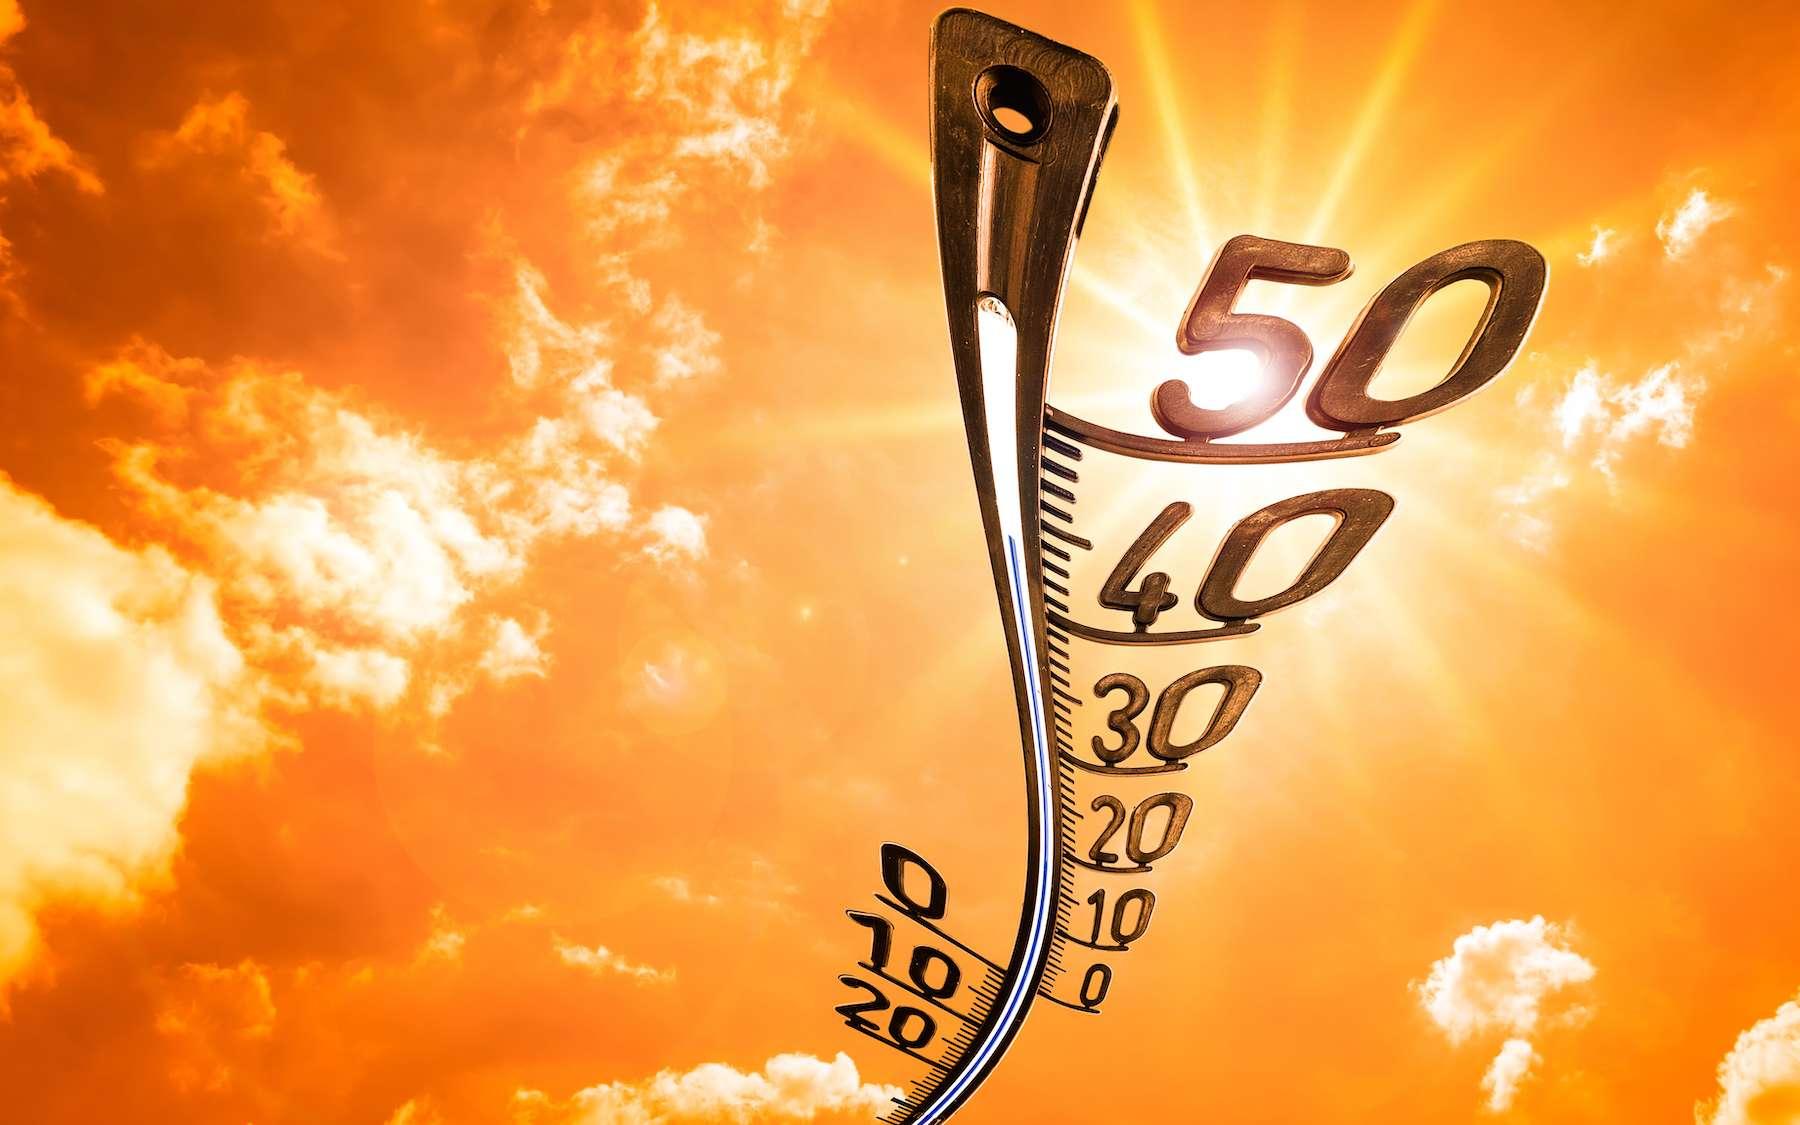 Faut-il s'attendre à des canicules cet été ? © John Smith, Adobe Stock